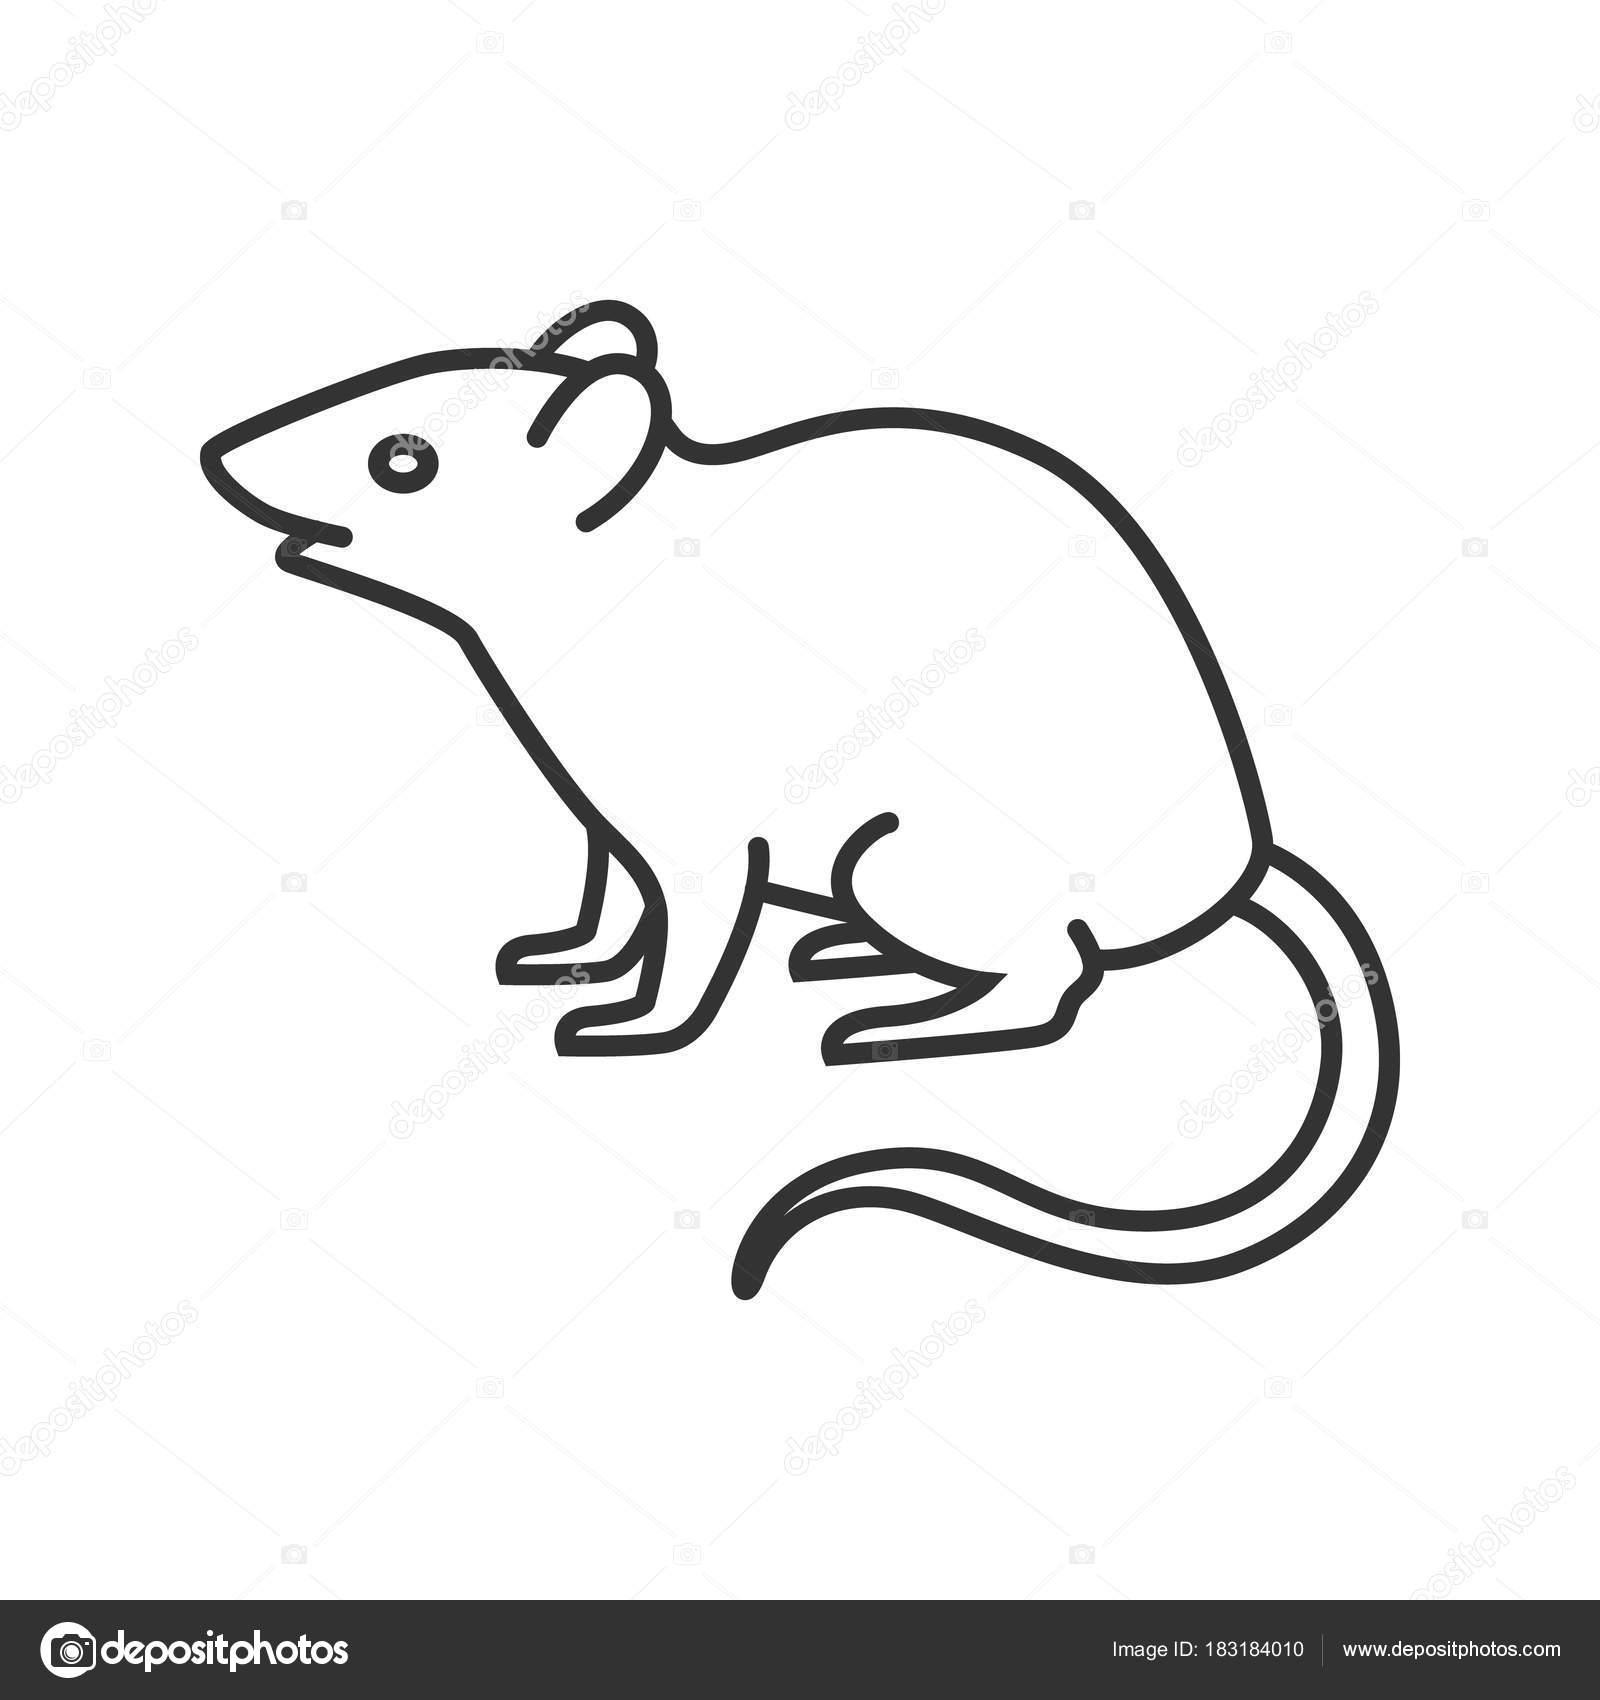 Line Drawing Rat : マウス ラットの線形アイコン 齧歯動物 細い線の図 輪郭のシンボル ベクトル分離外形図 — ストックベクター